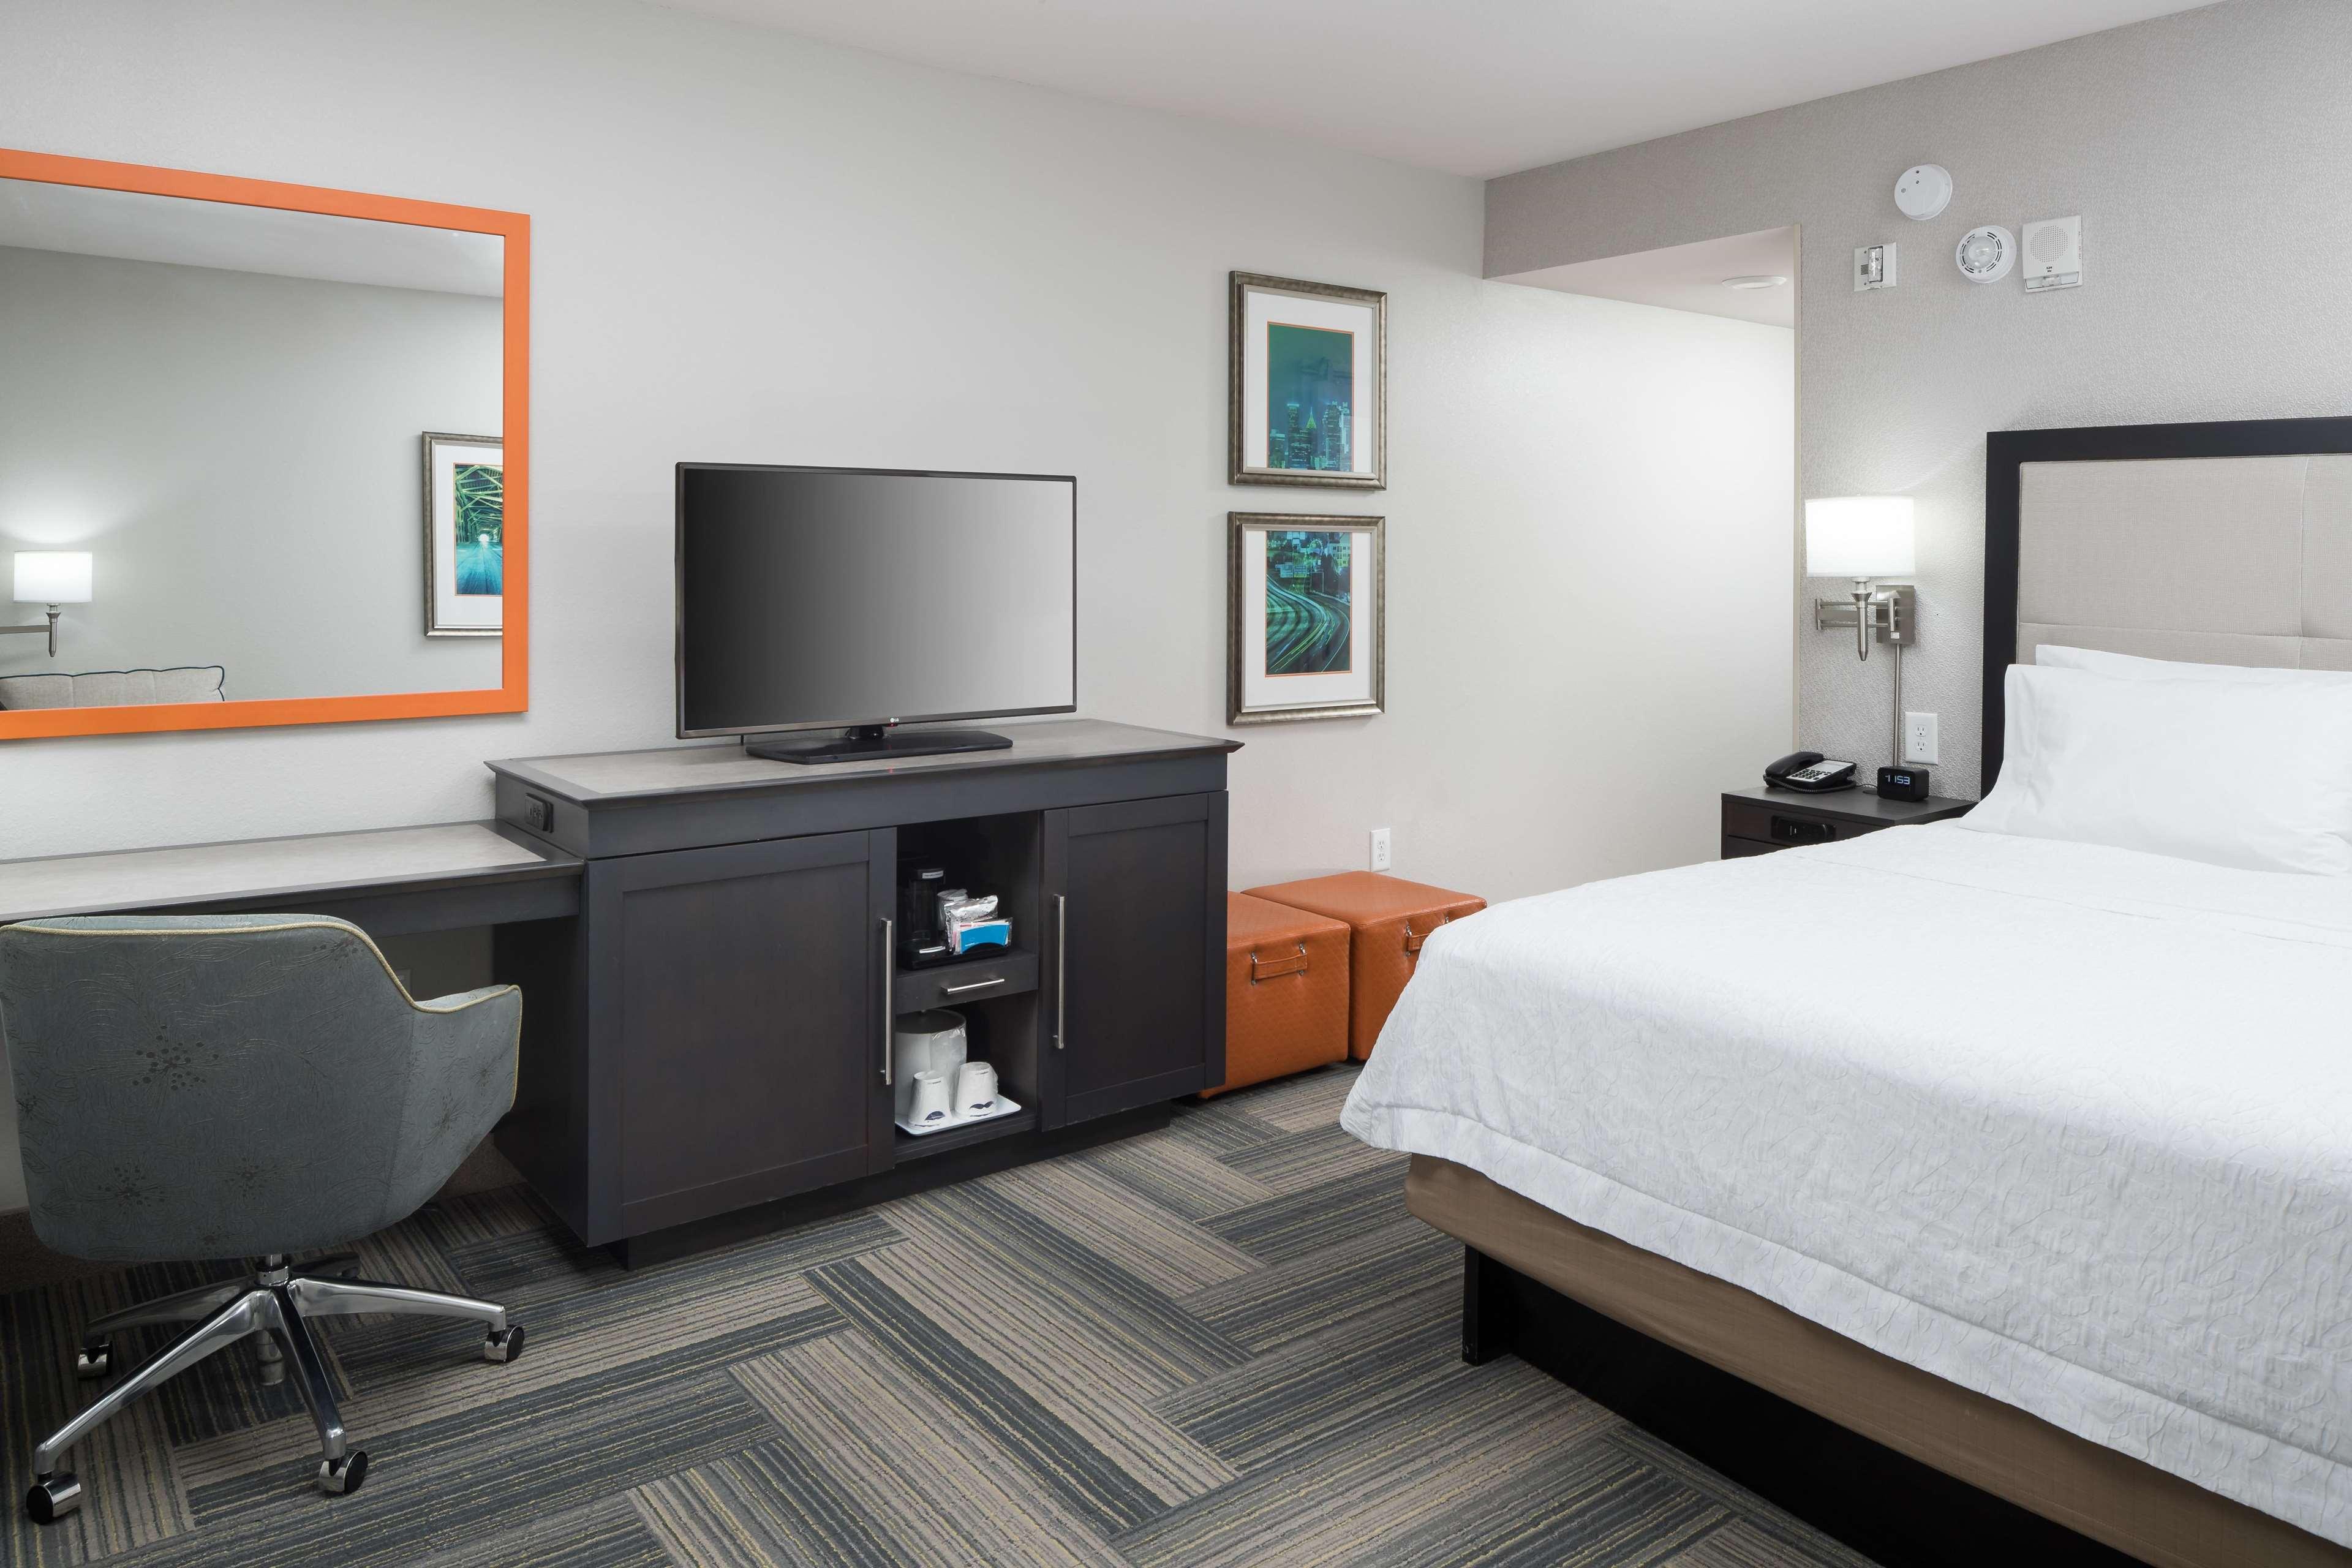 Hampton Inn & Suites by Hilton Atlanta Perimeter Dunwoody image 24